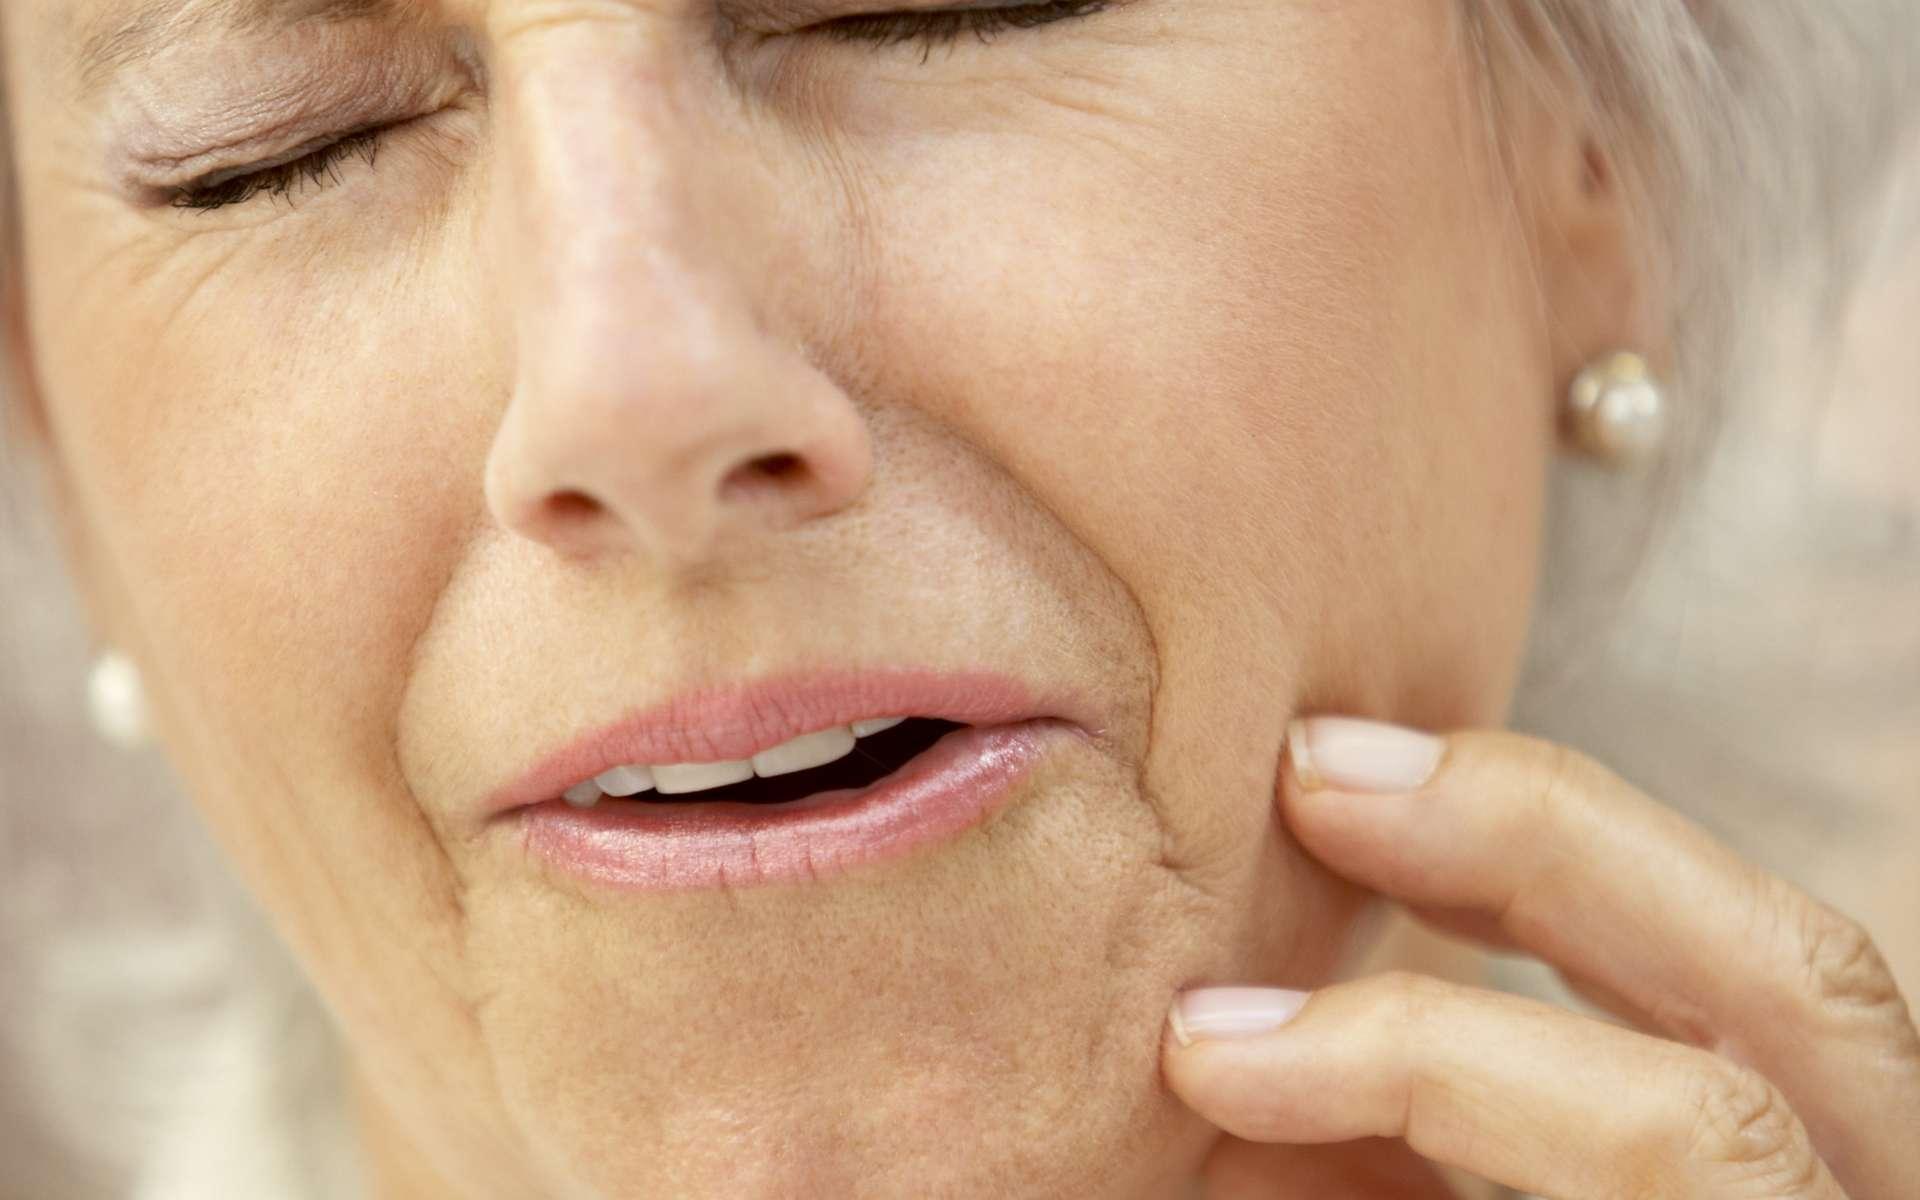 L'abcès, une douleur à ne pas prendre à la légère. © Phovoir